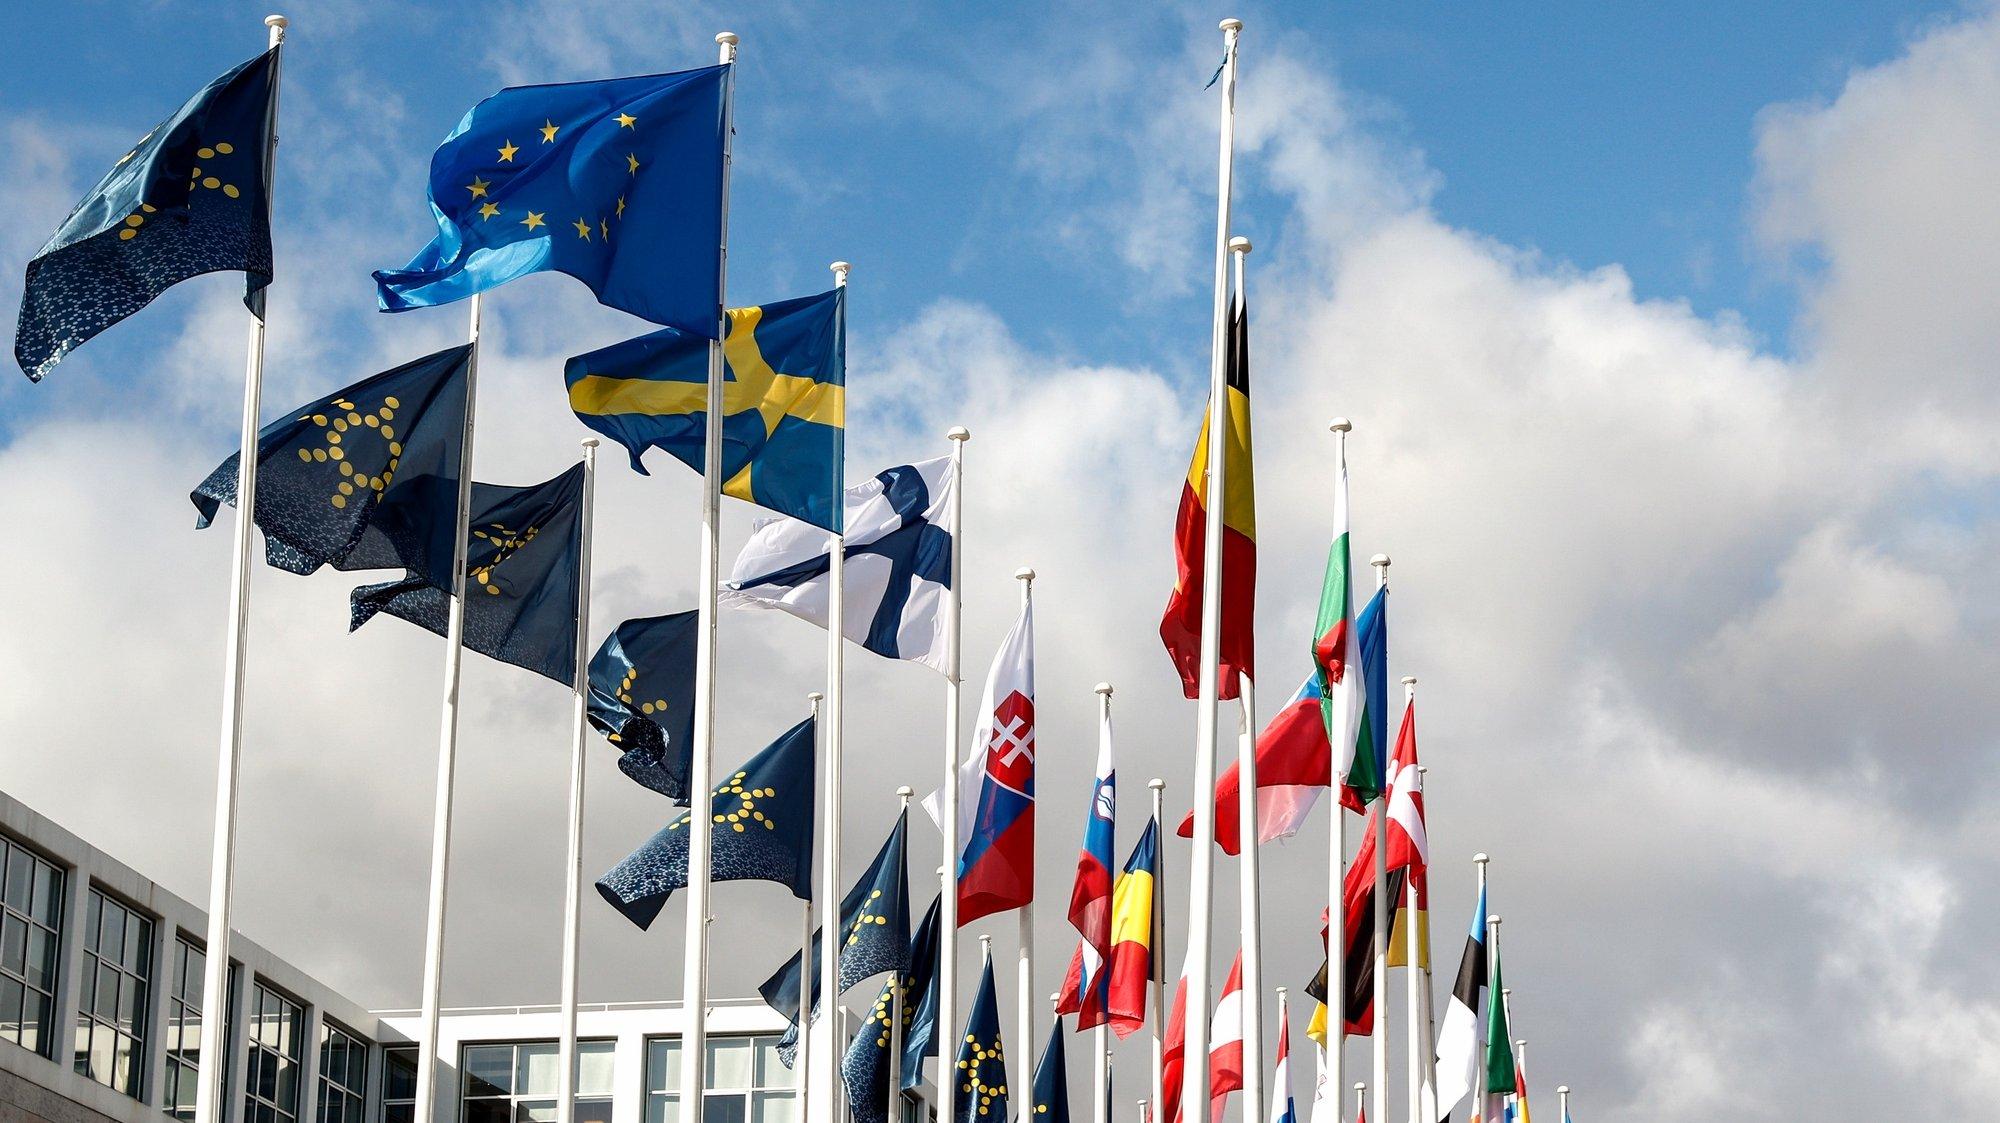 Preparativos para o início da Presidência Portuguesa do Conselho da União Europeia que irá decorrer de 01 de janeiro de 2021 a 30 de junho de 2021, Lisboa, 30 de dezembro de 2020. (ACOMPANHA TEXTO DE 01/01/2021) ANTÓNIO COTRIM/LUSA